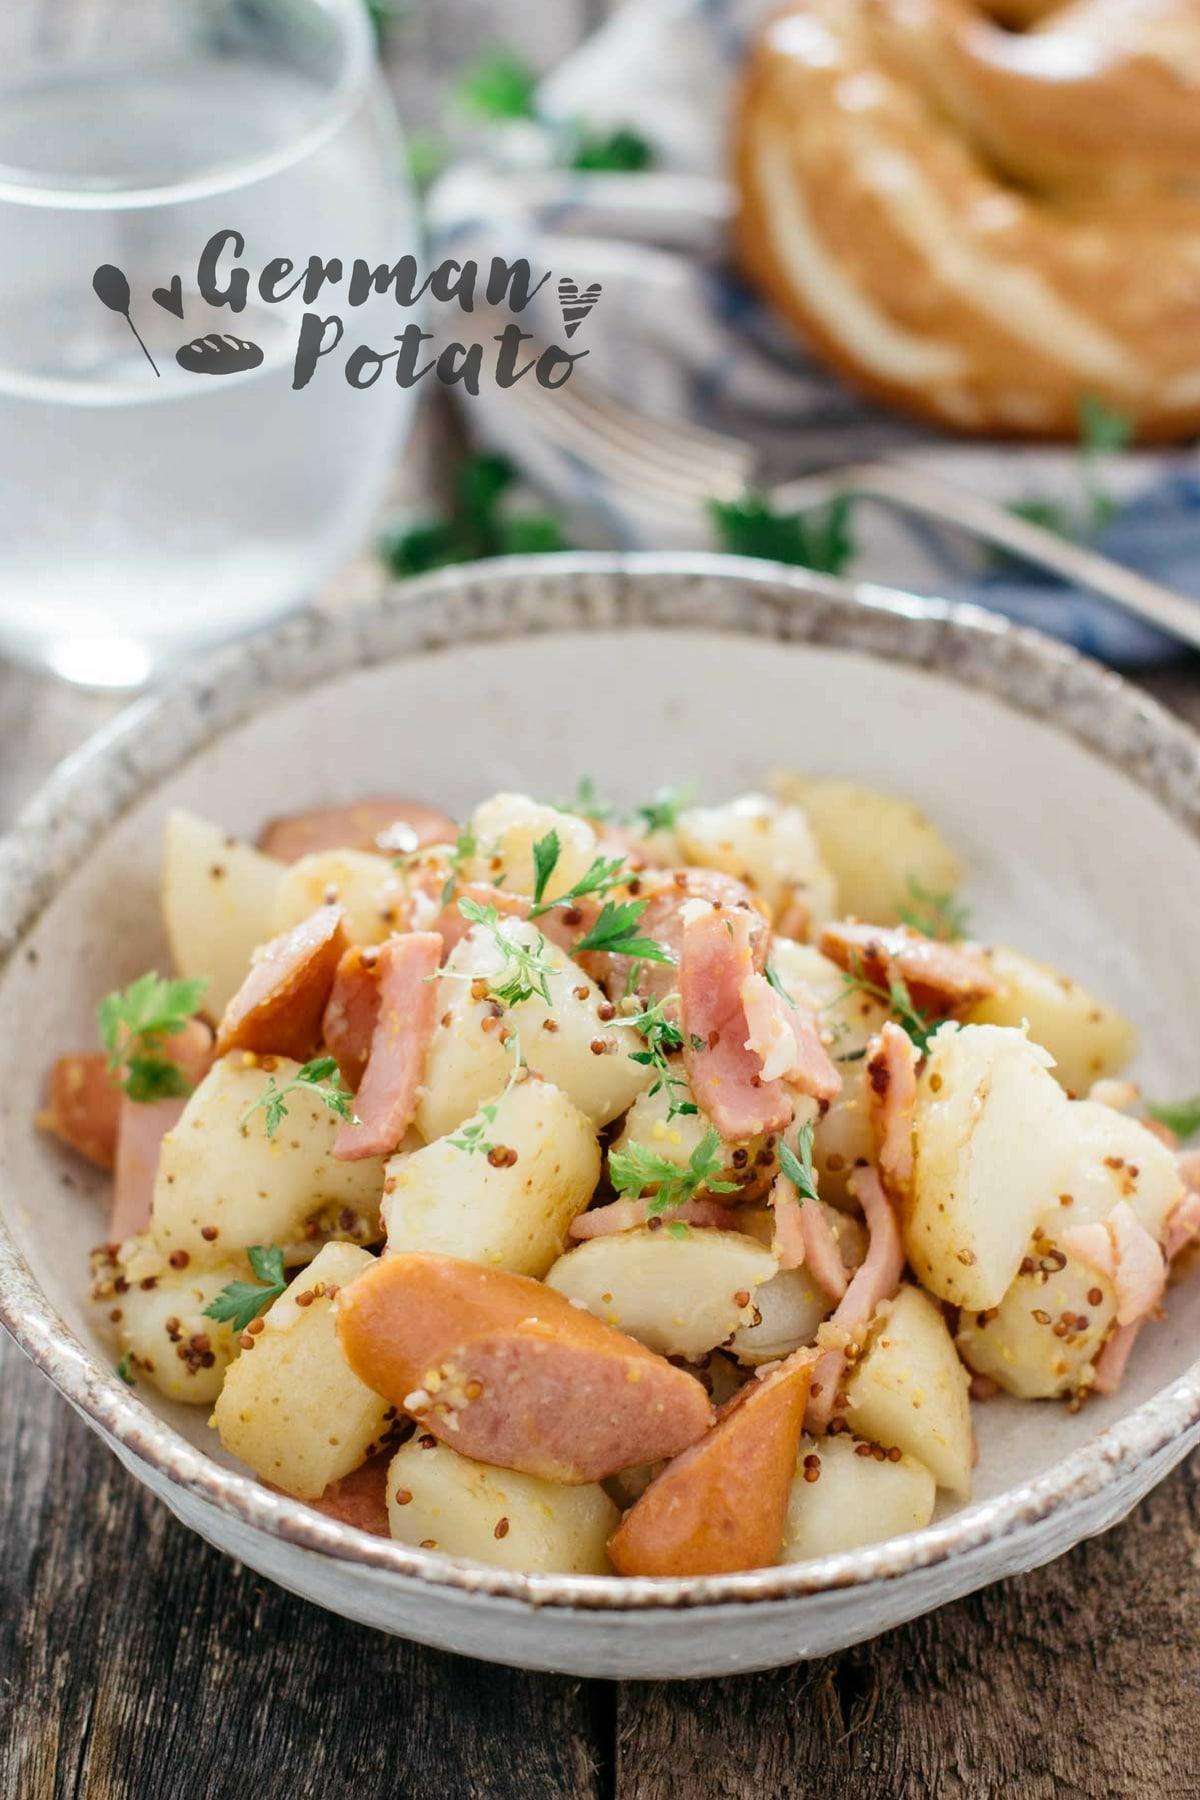 German Fried potato